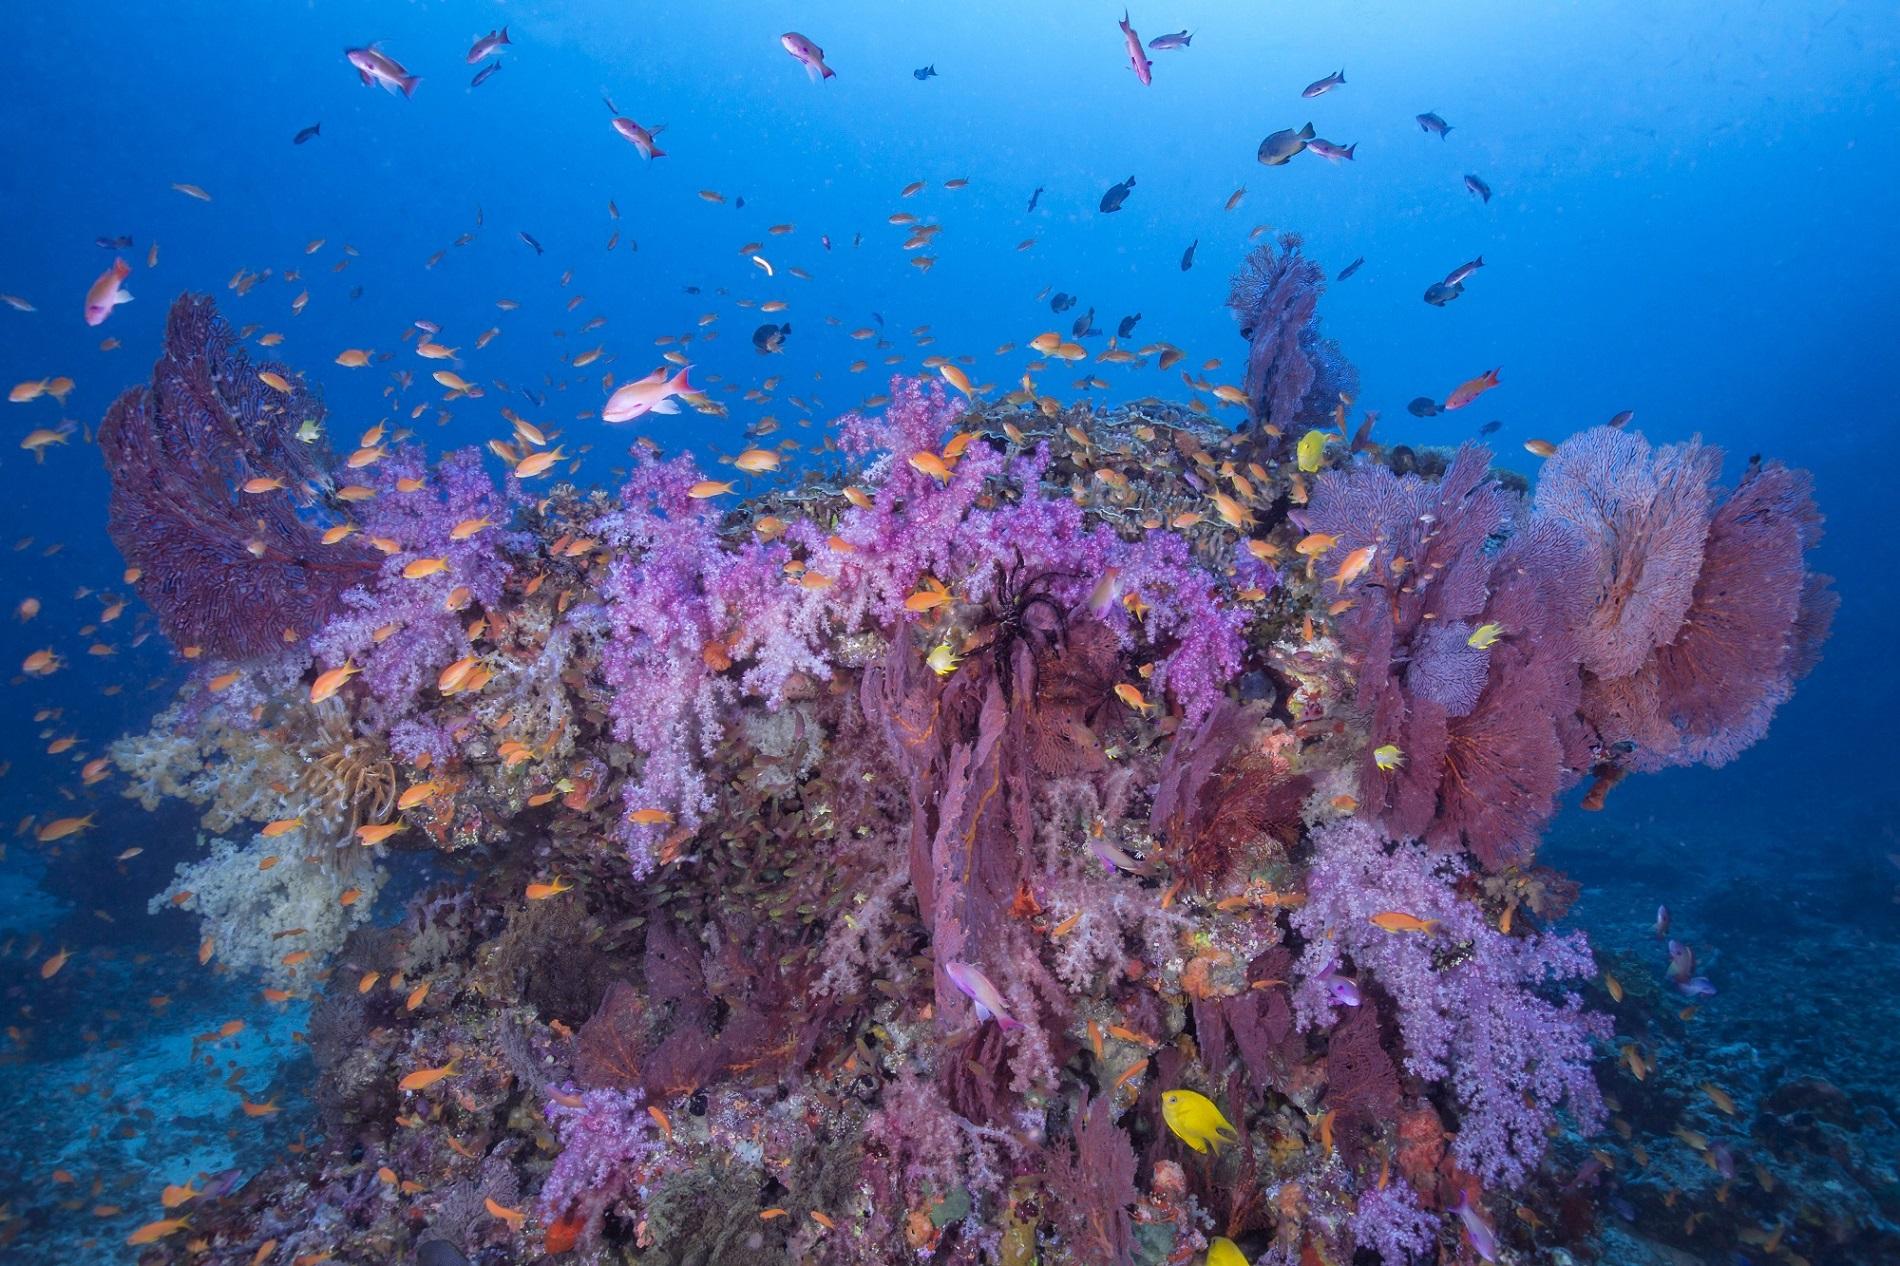 冬天滑雪 夏天去斐济潜水!